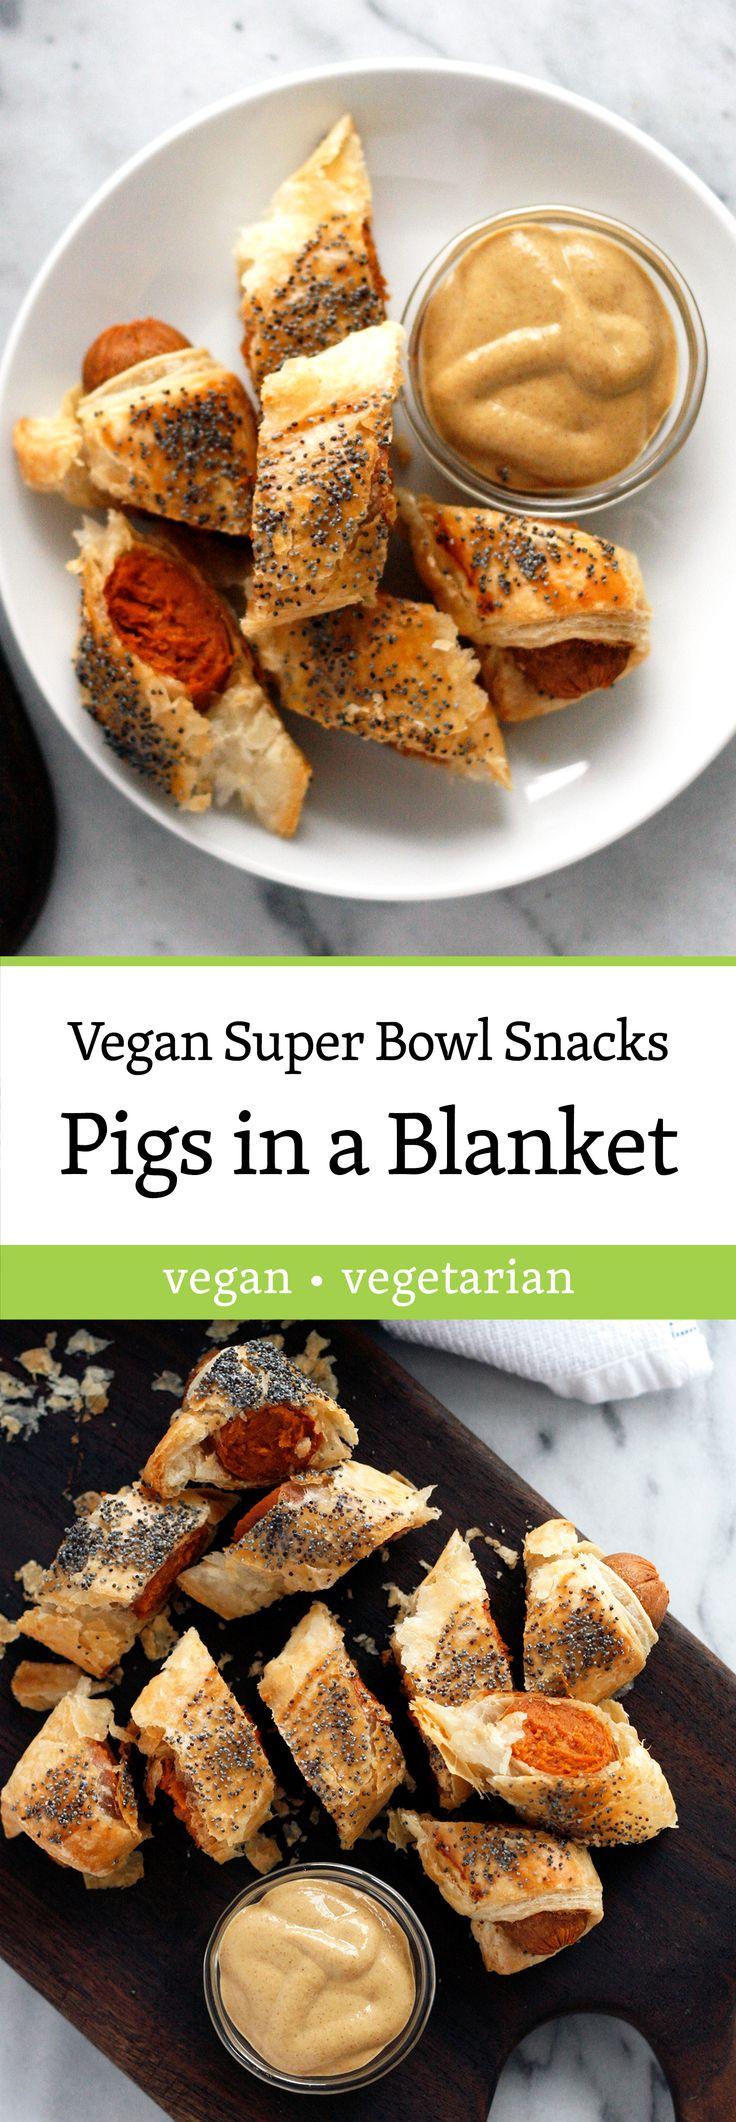 Dijon (Vegan) Pigs in a Blanket - Super Bowl Snacks